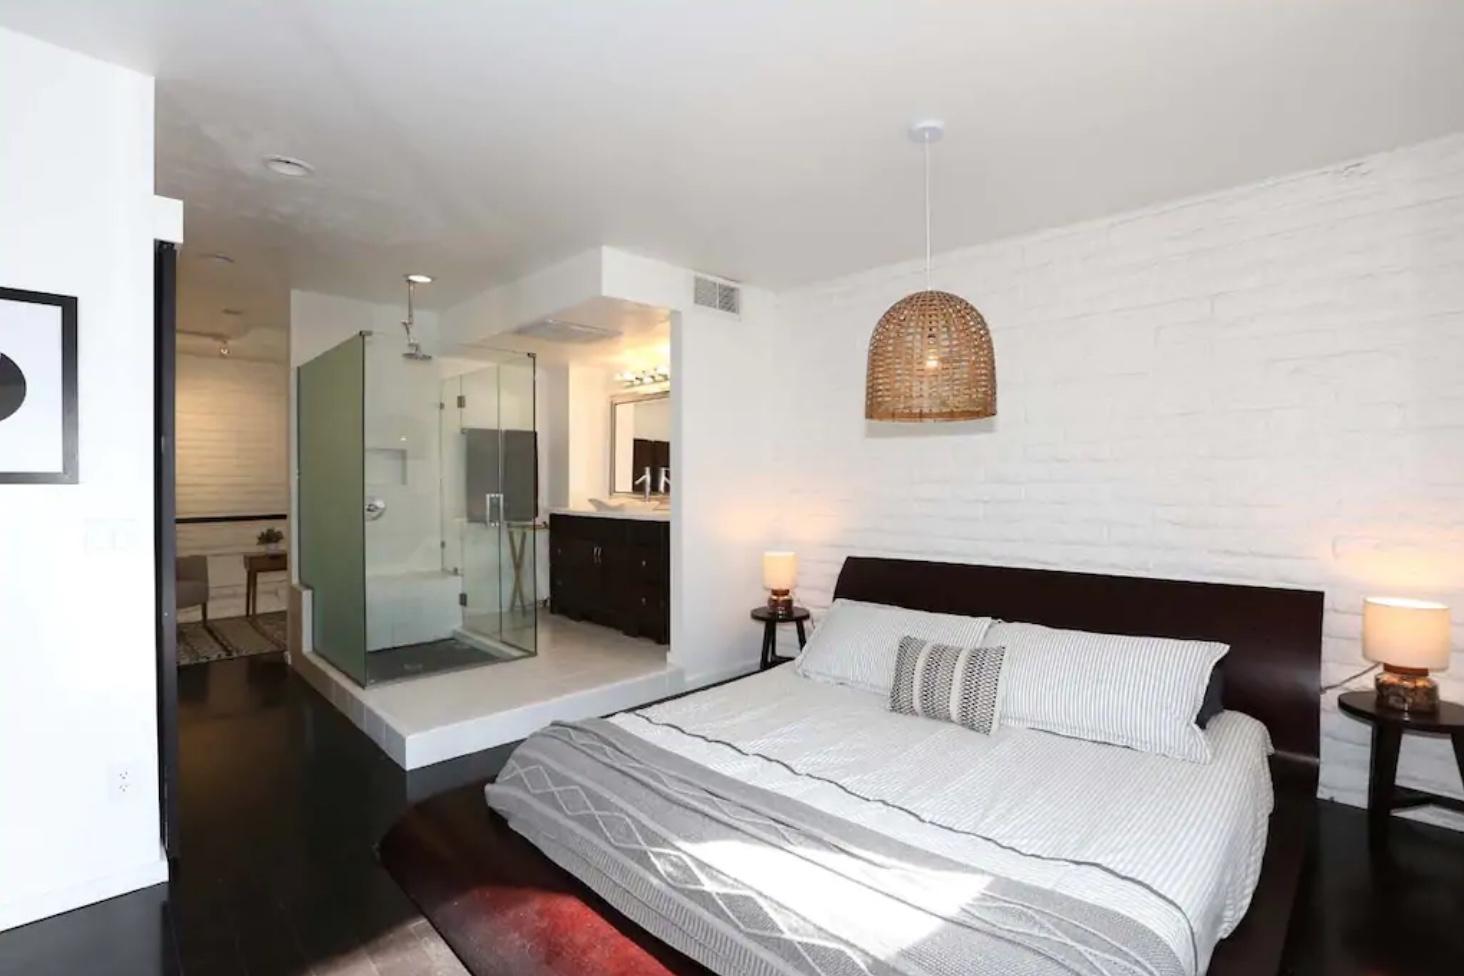 DIY reclaimed wood headboard bedroom makeover before